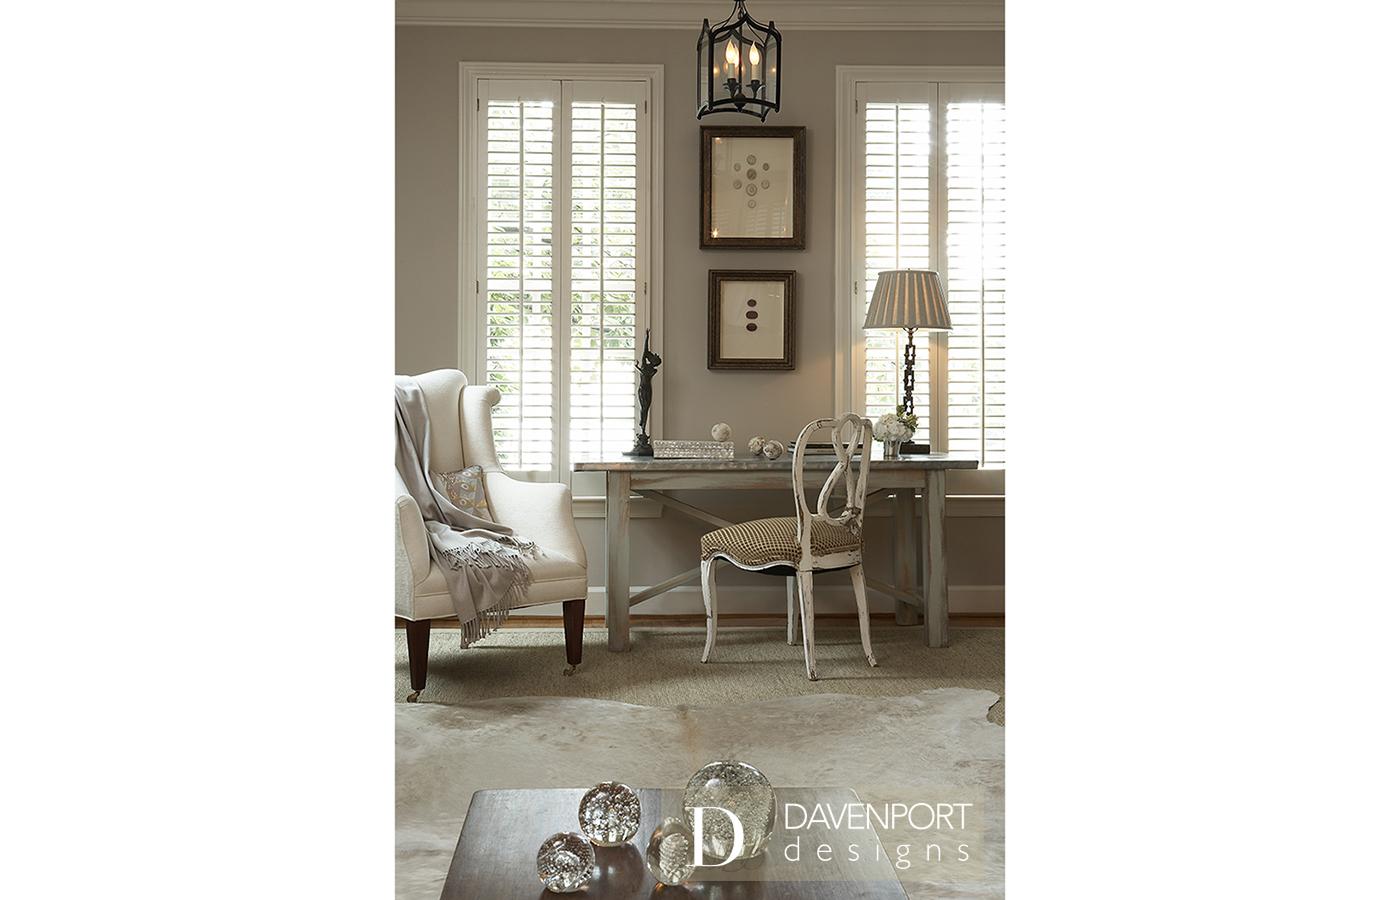 Davenport-030-2.jpg